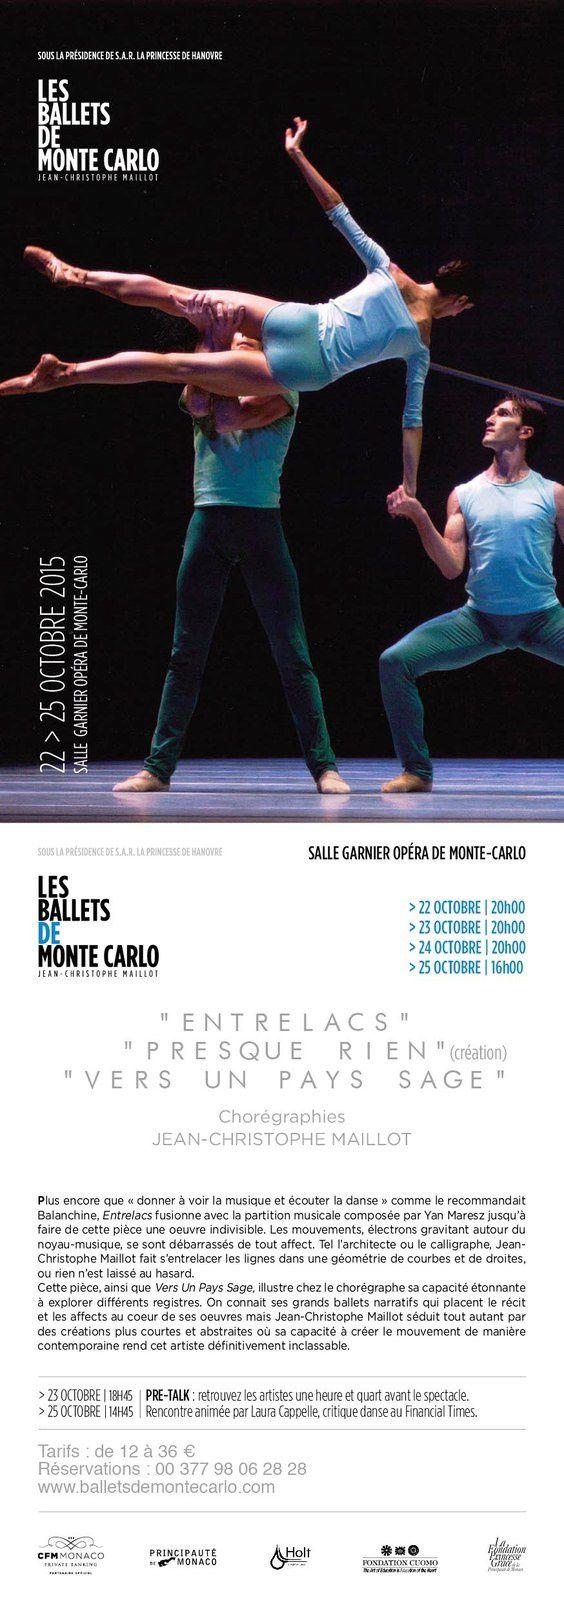 Les Ballets de Monte-Carlo : du 22 au 25 octobre 2015 à la Salle Garnier - Avec une nouvelle création de Jean-Christophe Maillot - Opéra de Monte-Carlo